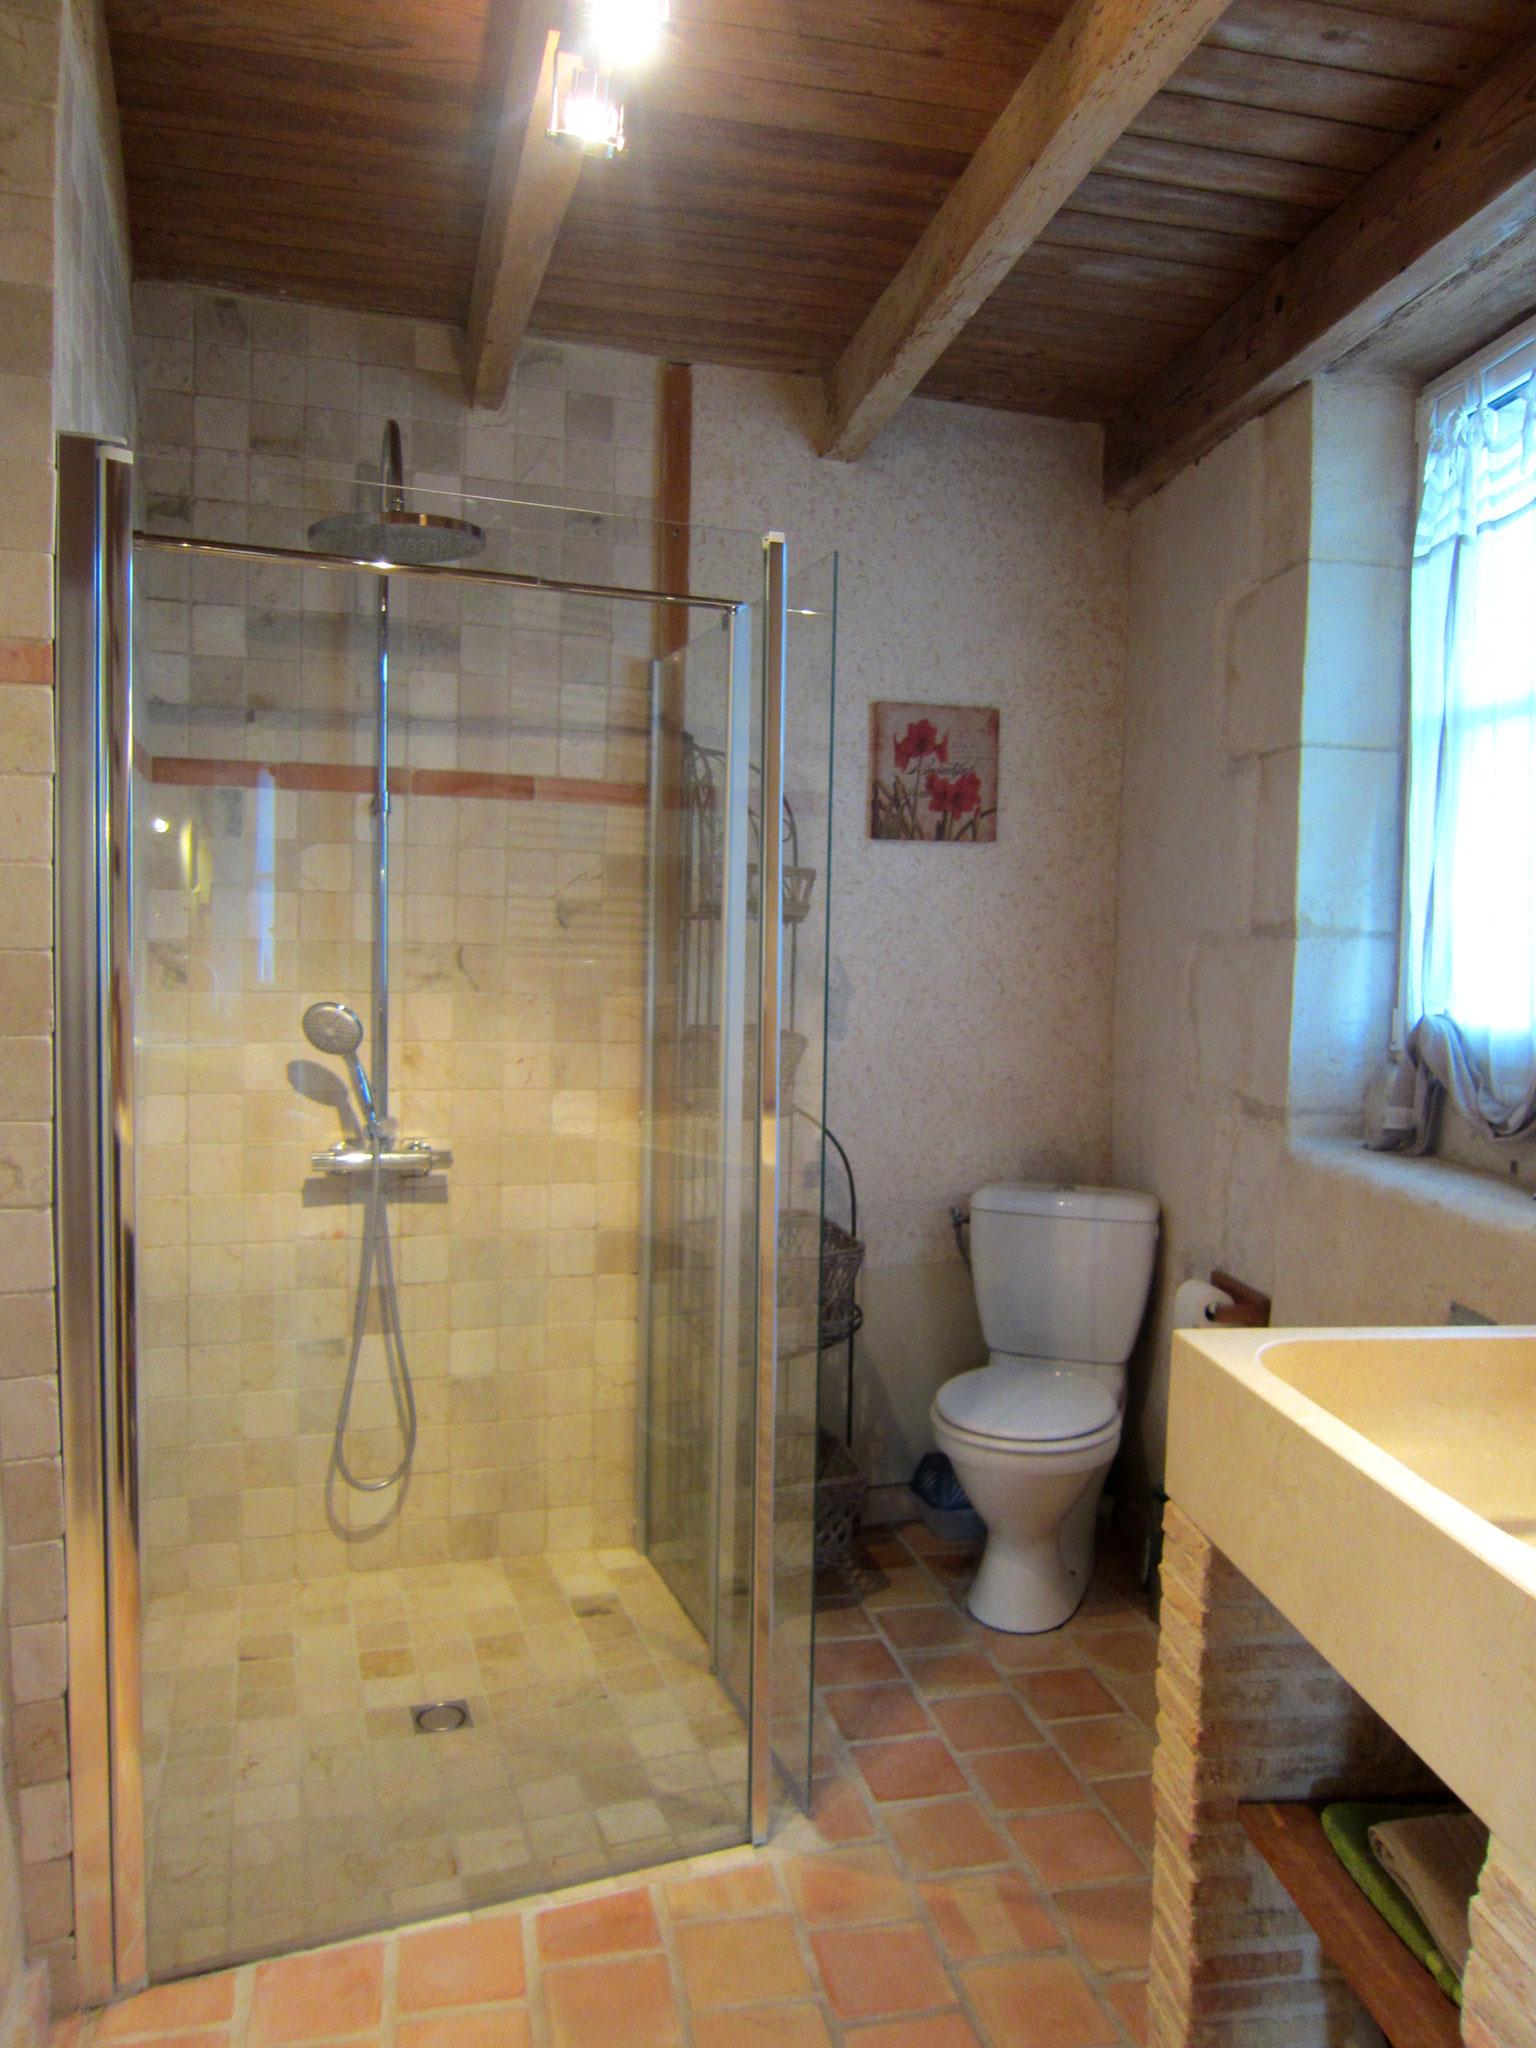 Salle d'eau - douche accessible en pierre, WC, lavabo en pierre